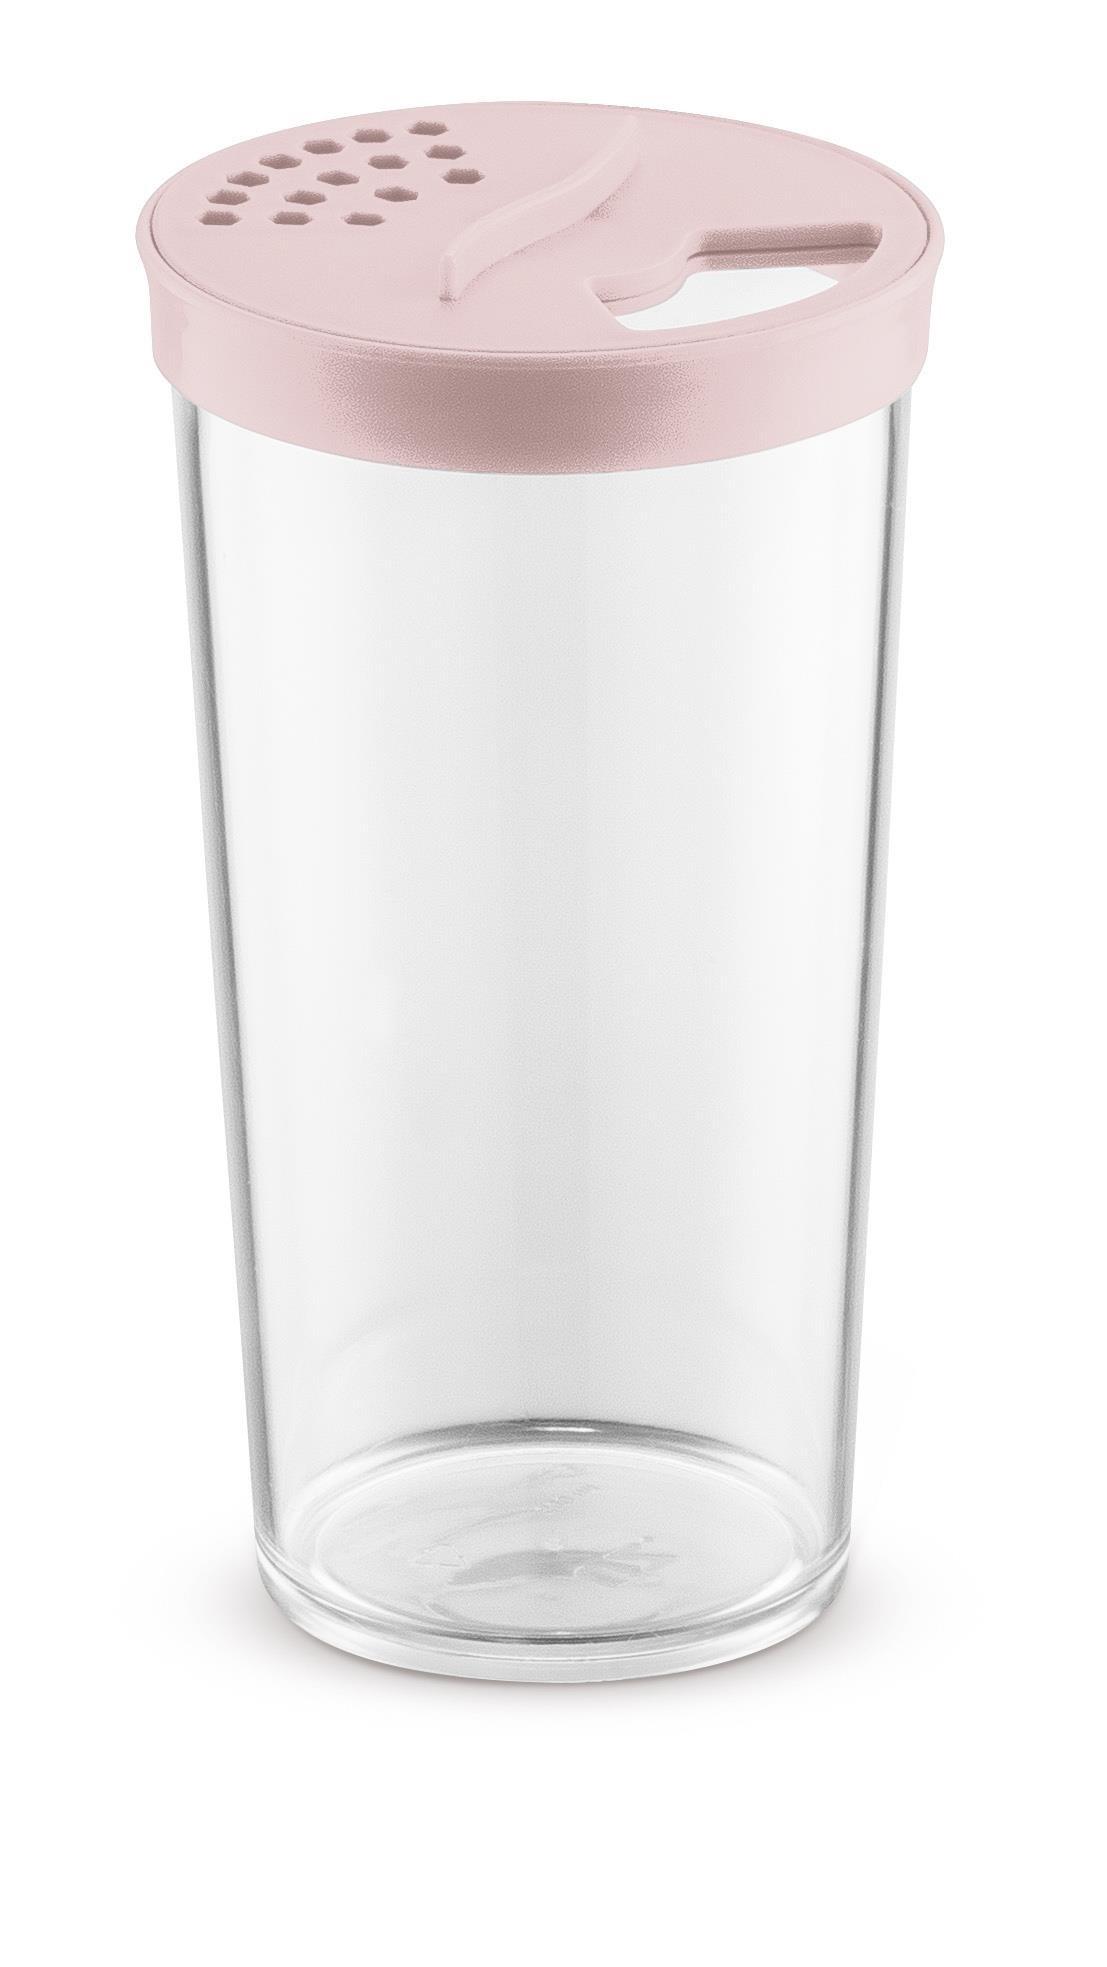 Farinheiro Grande 500ml Plástico Acrílico Uz Rosa